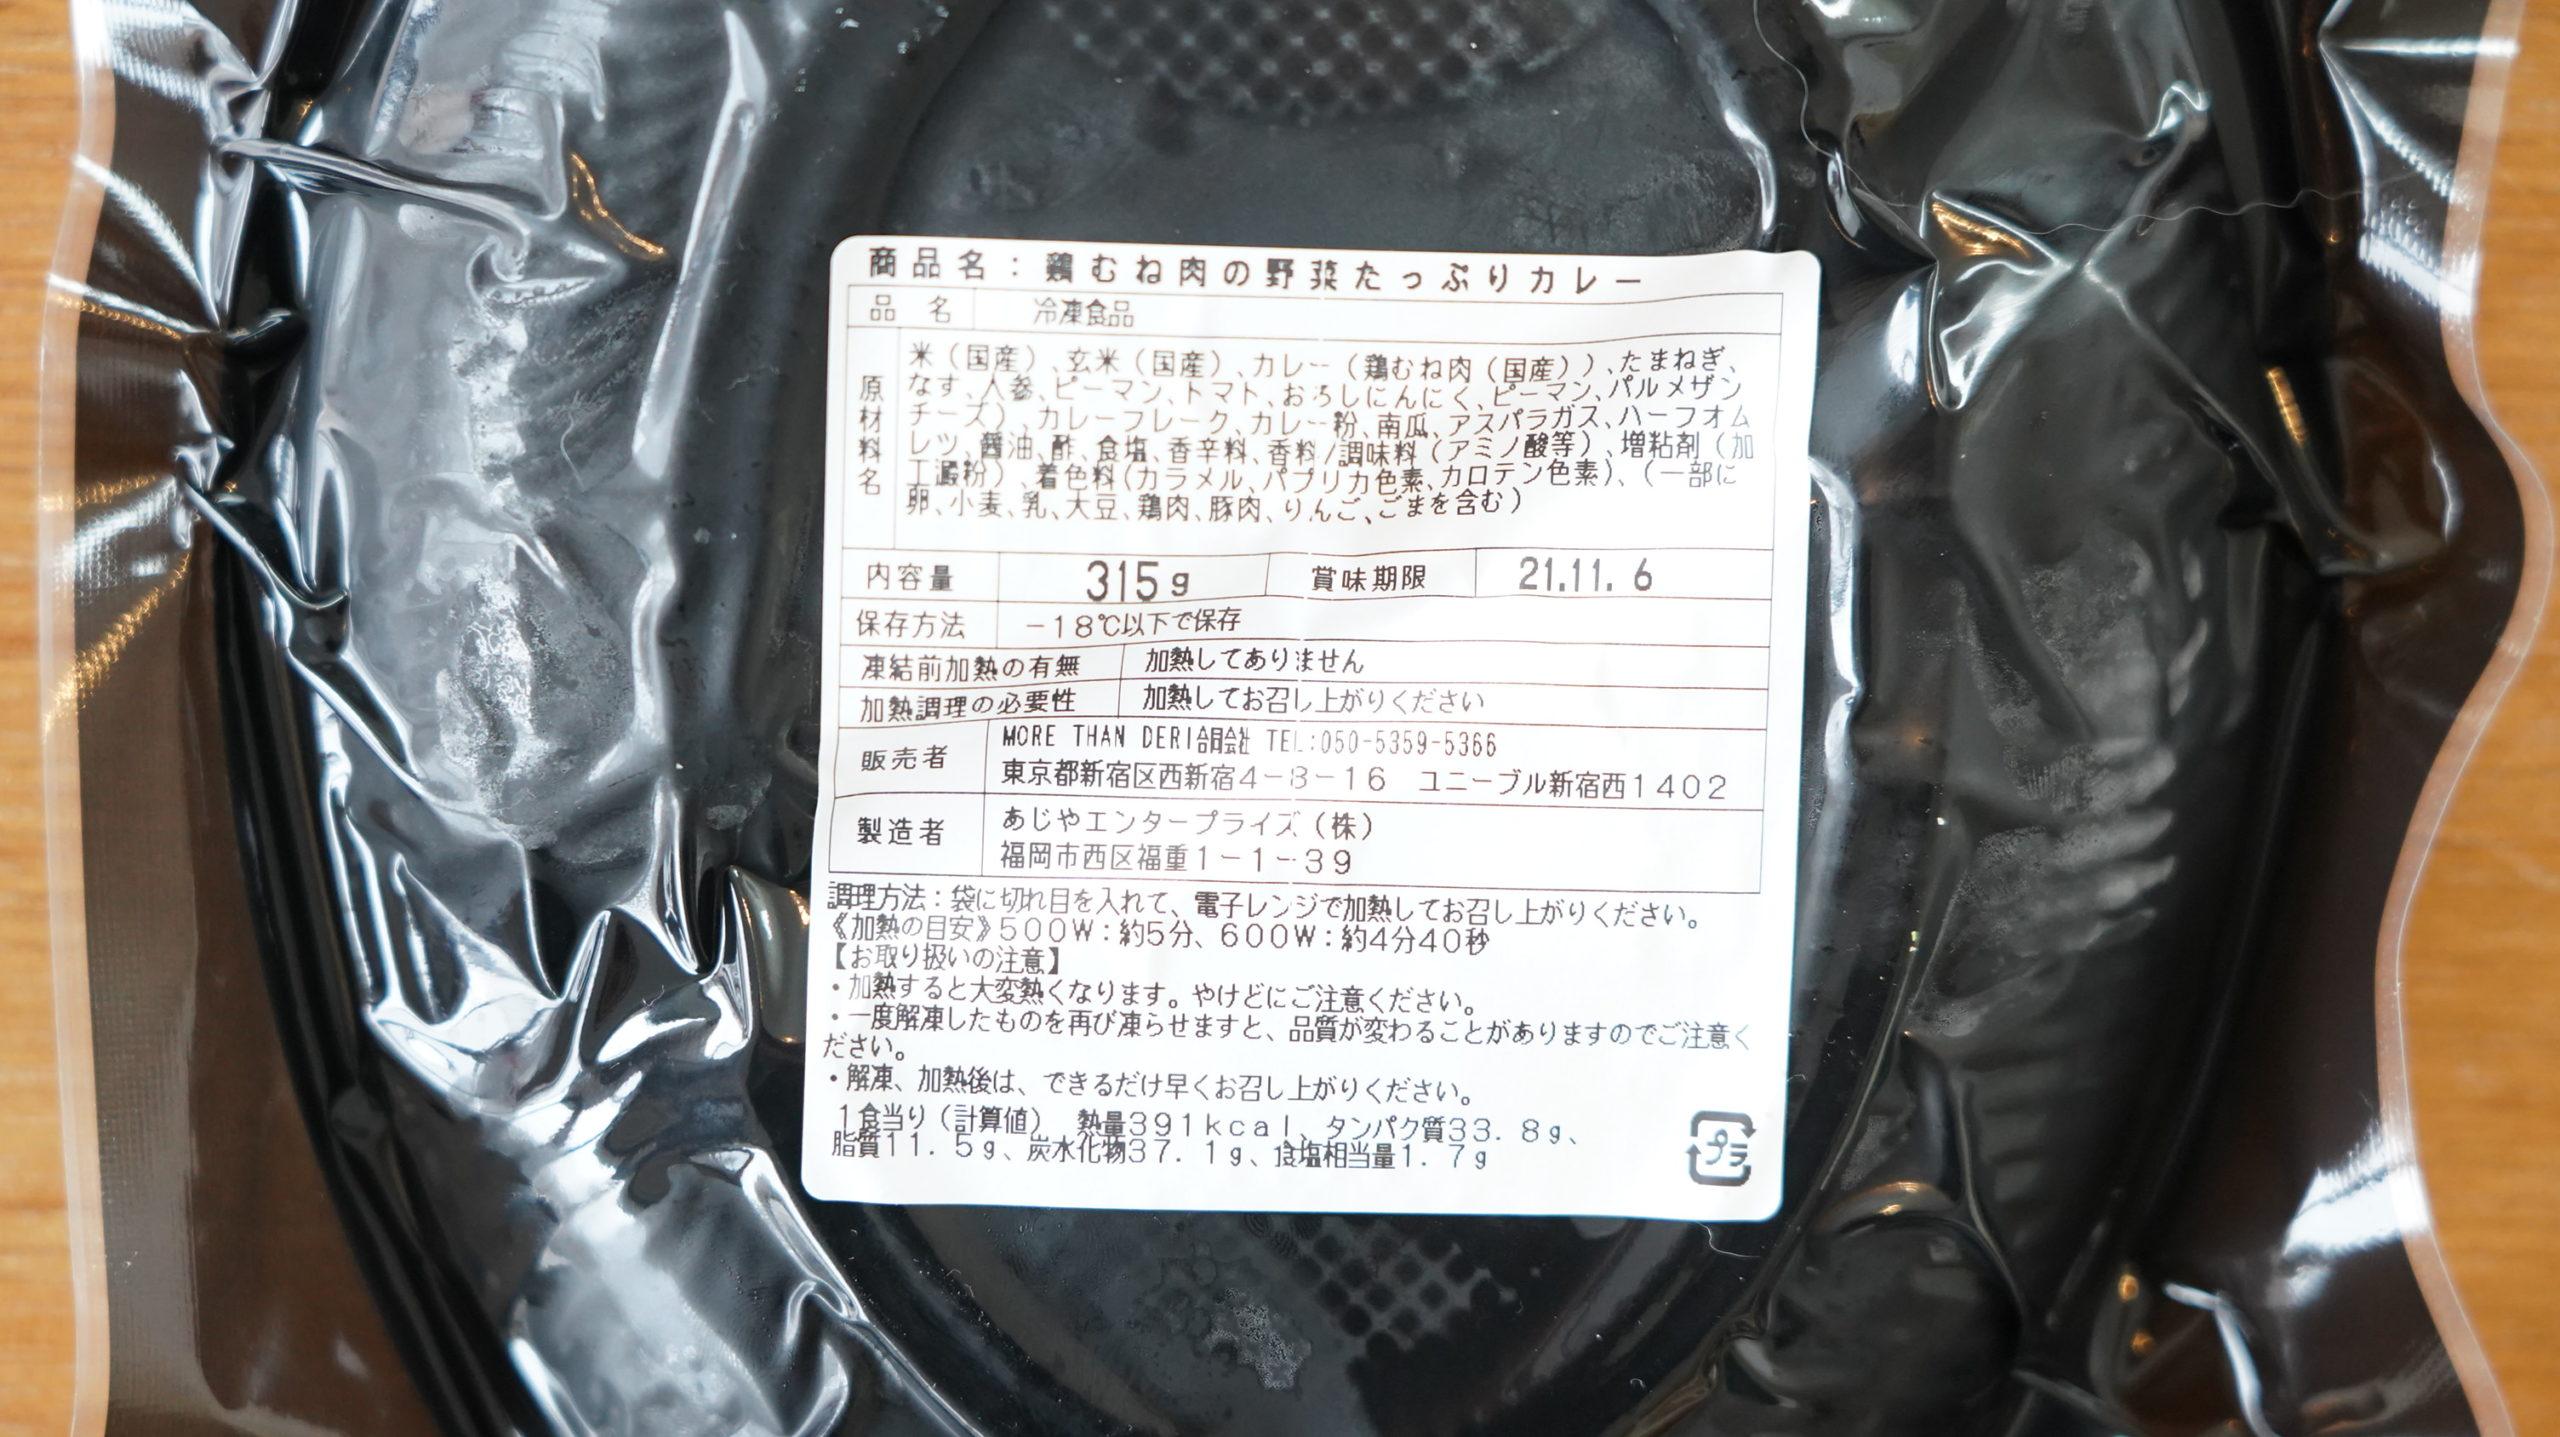 More than Deli(モアザンデリ)の冷凍弁当「鶏むね肉の野菜たっぷりカレー」のパッケージ裏面の拡大写真